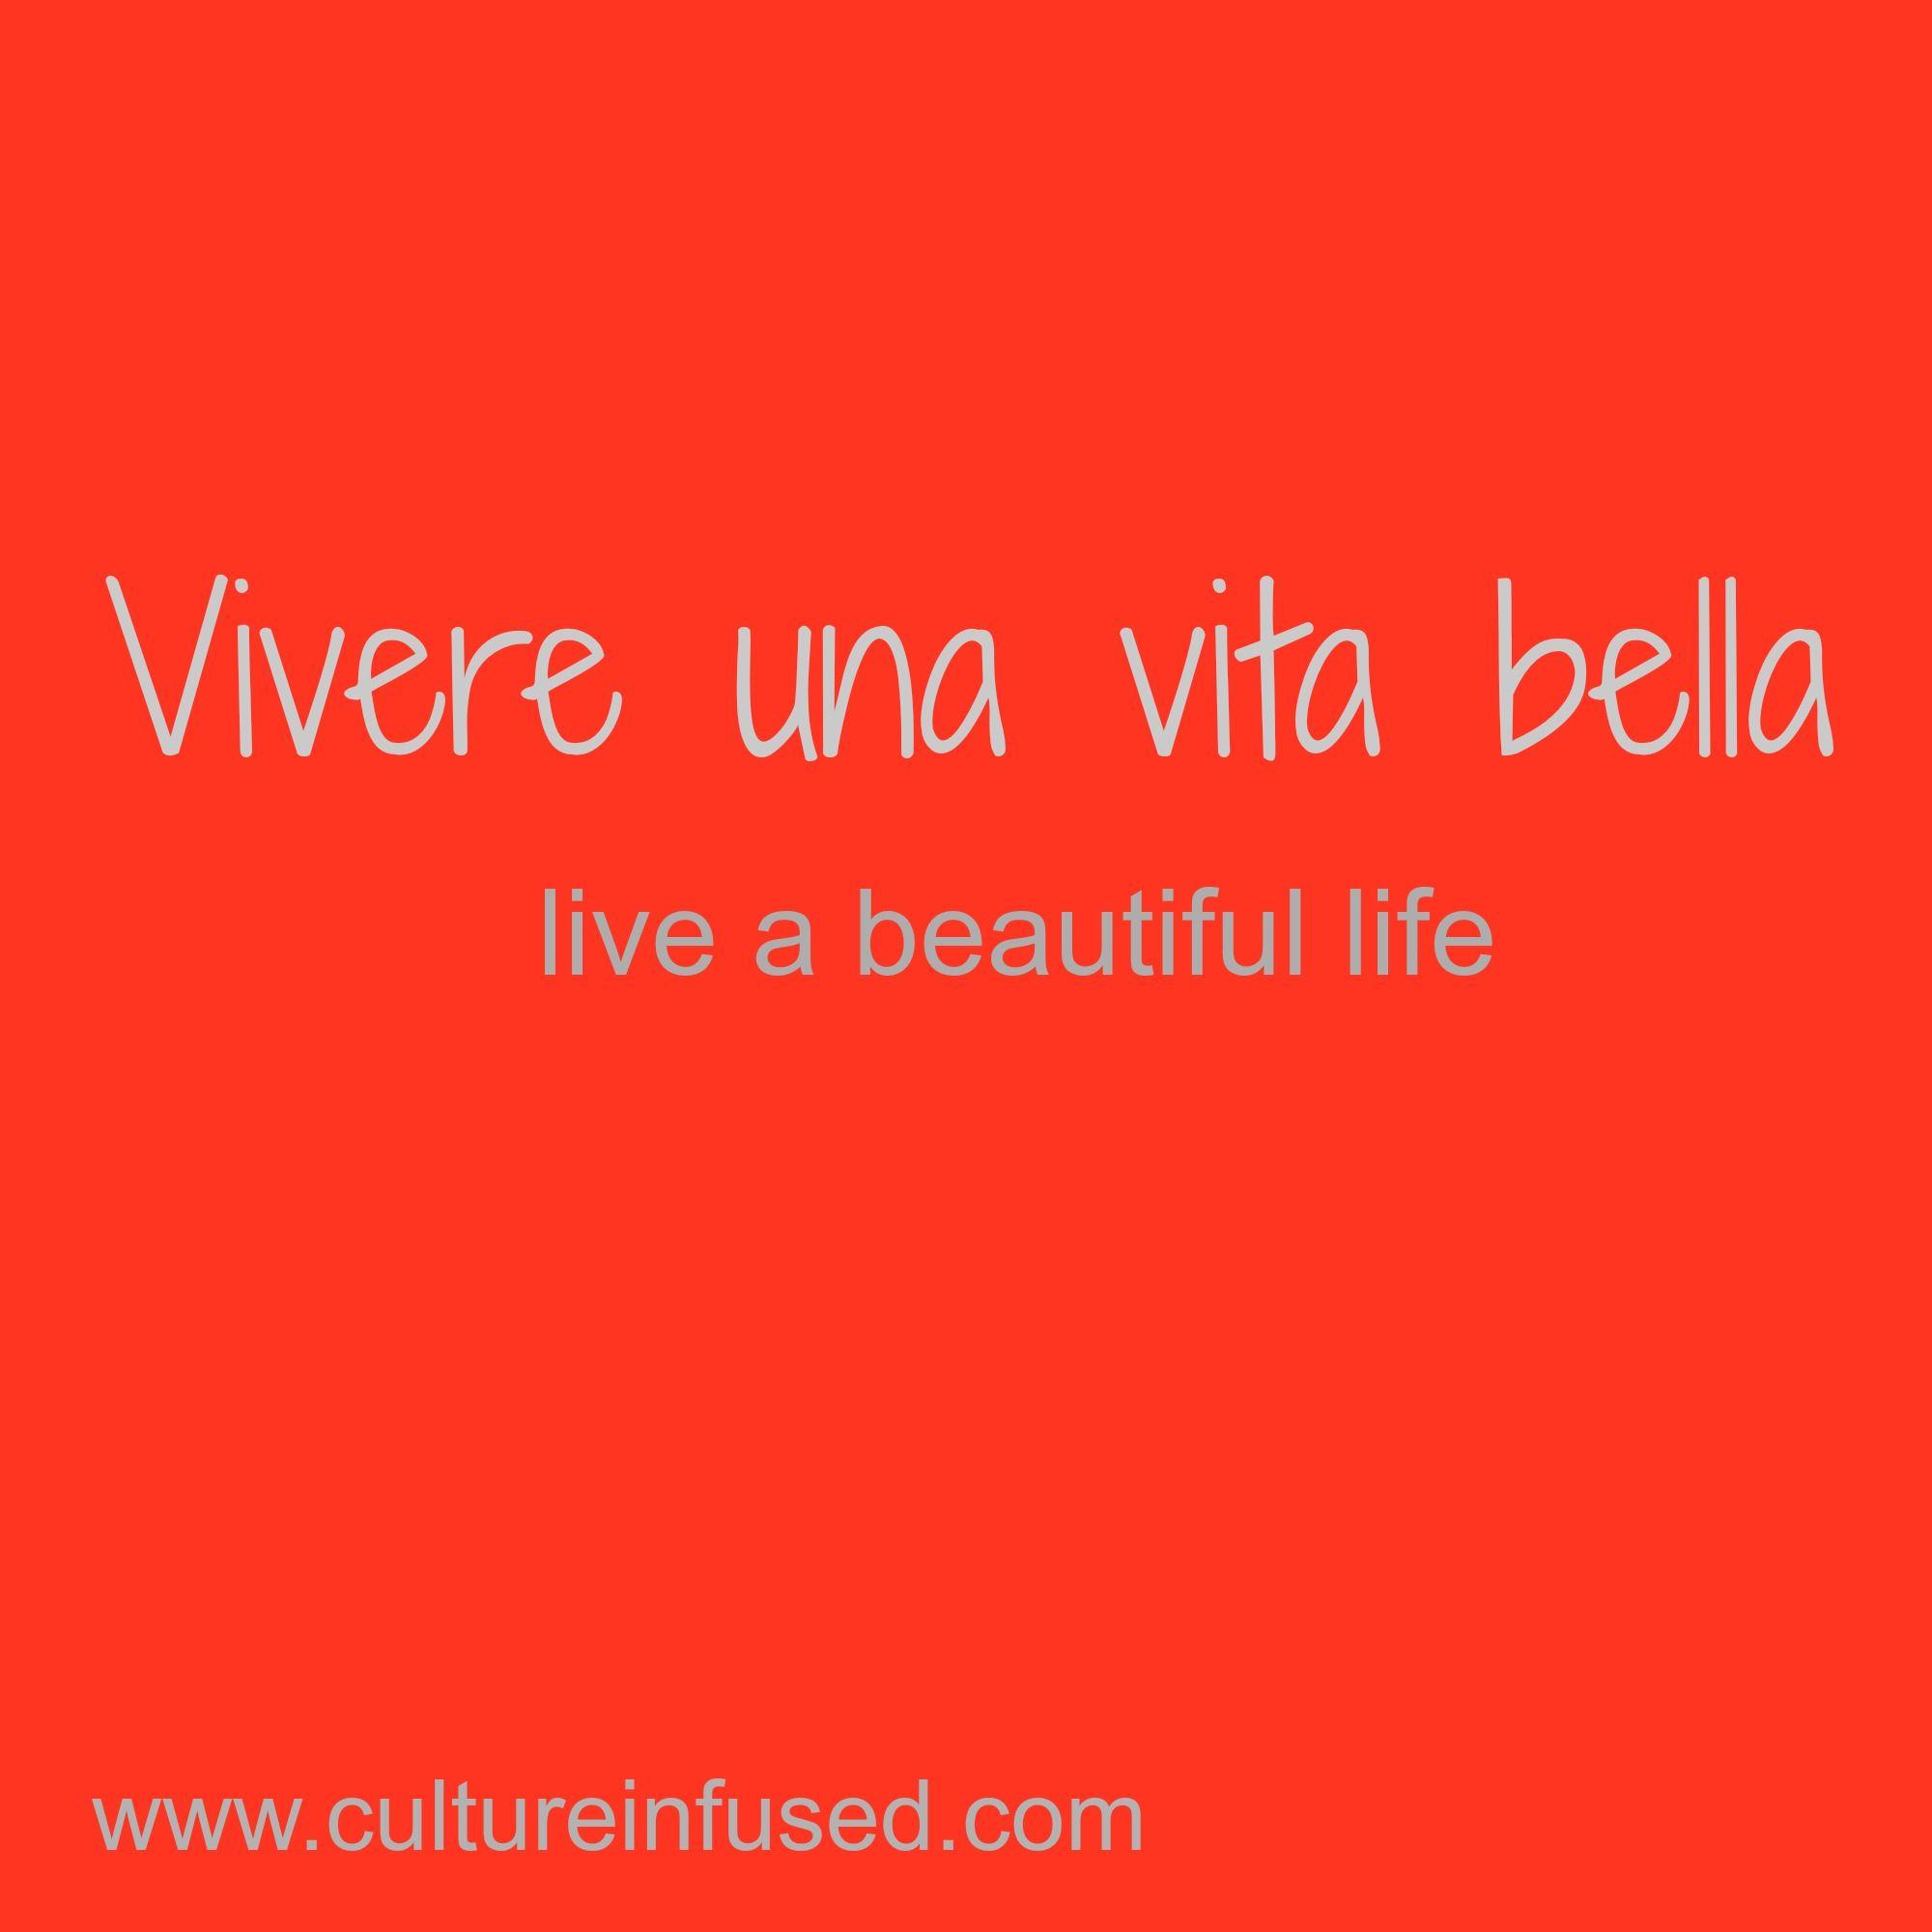 italian quotes Vivere una vita bella. Live a beautiful